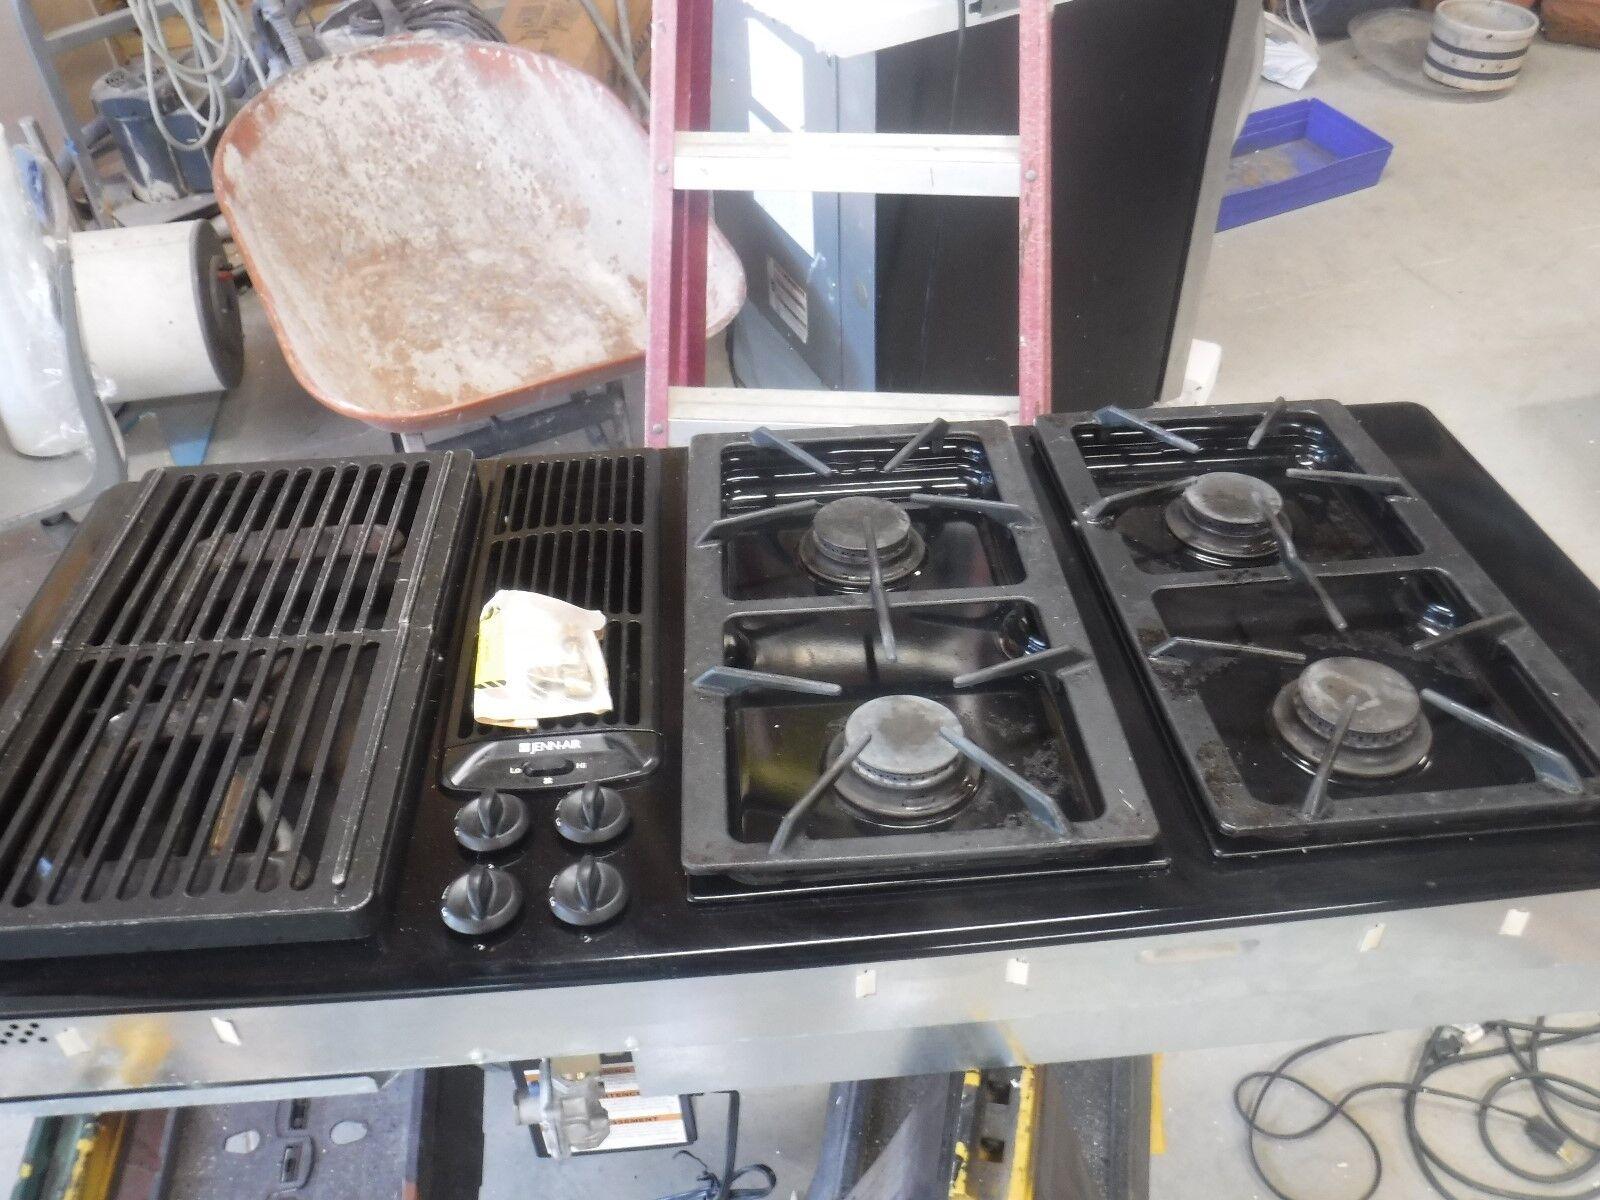 Jenn Air Downdraft Gas Cooktop 45 6 Burners Black Jgd8345adb For Sale Online Ebay